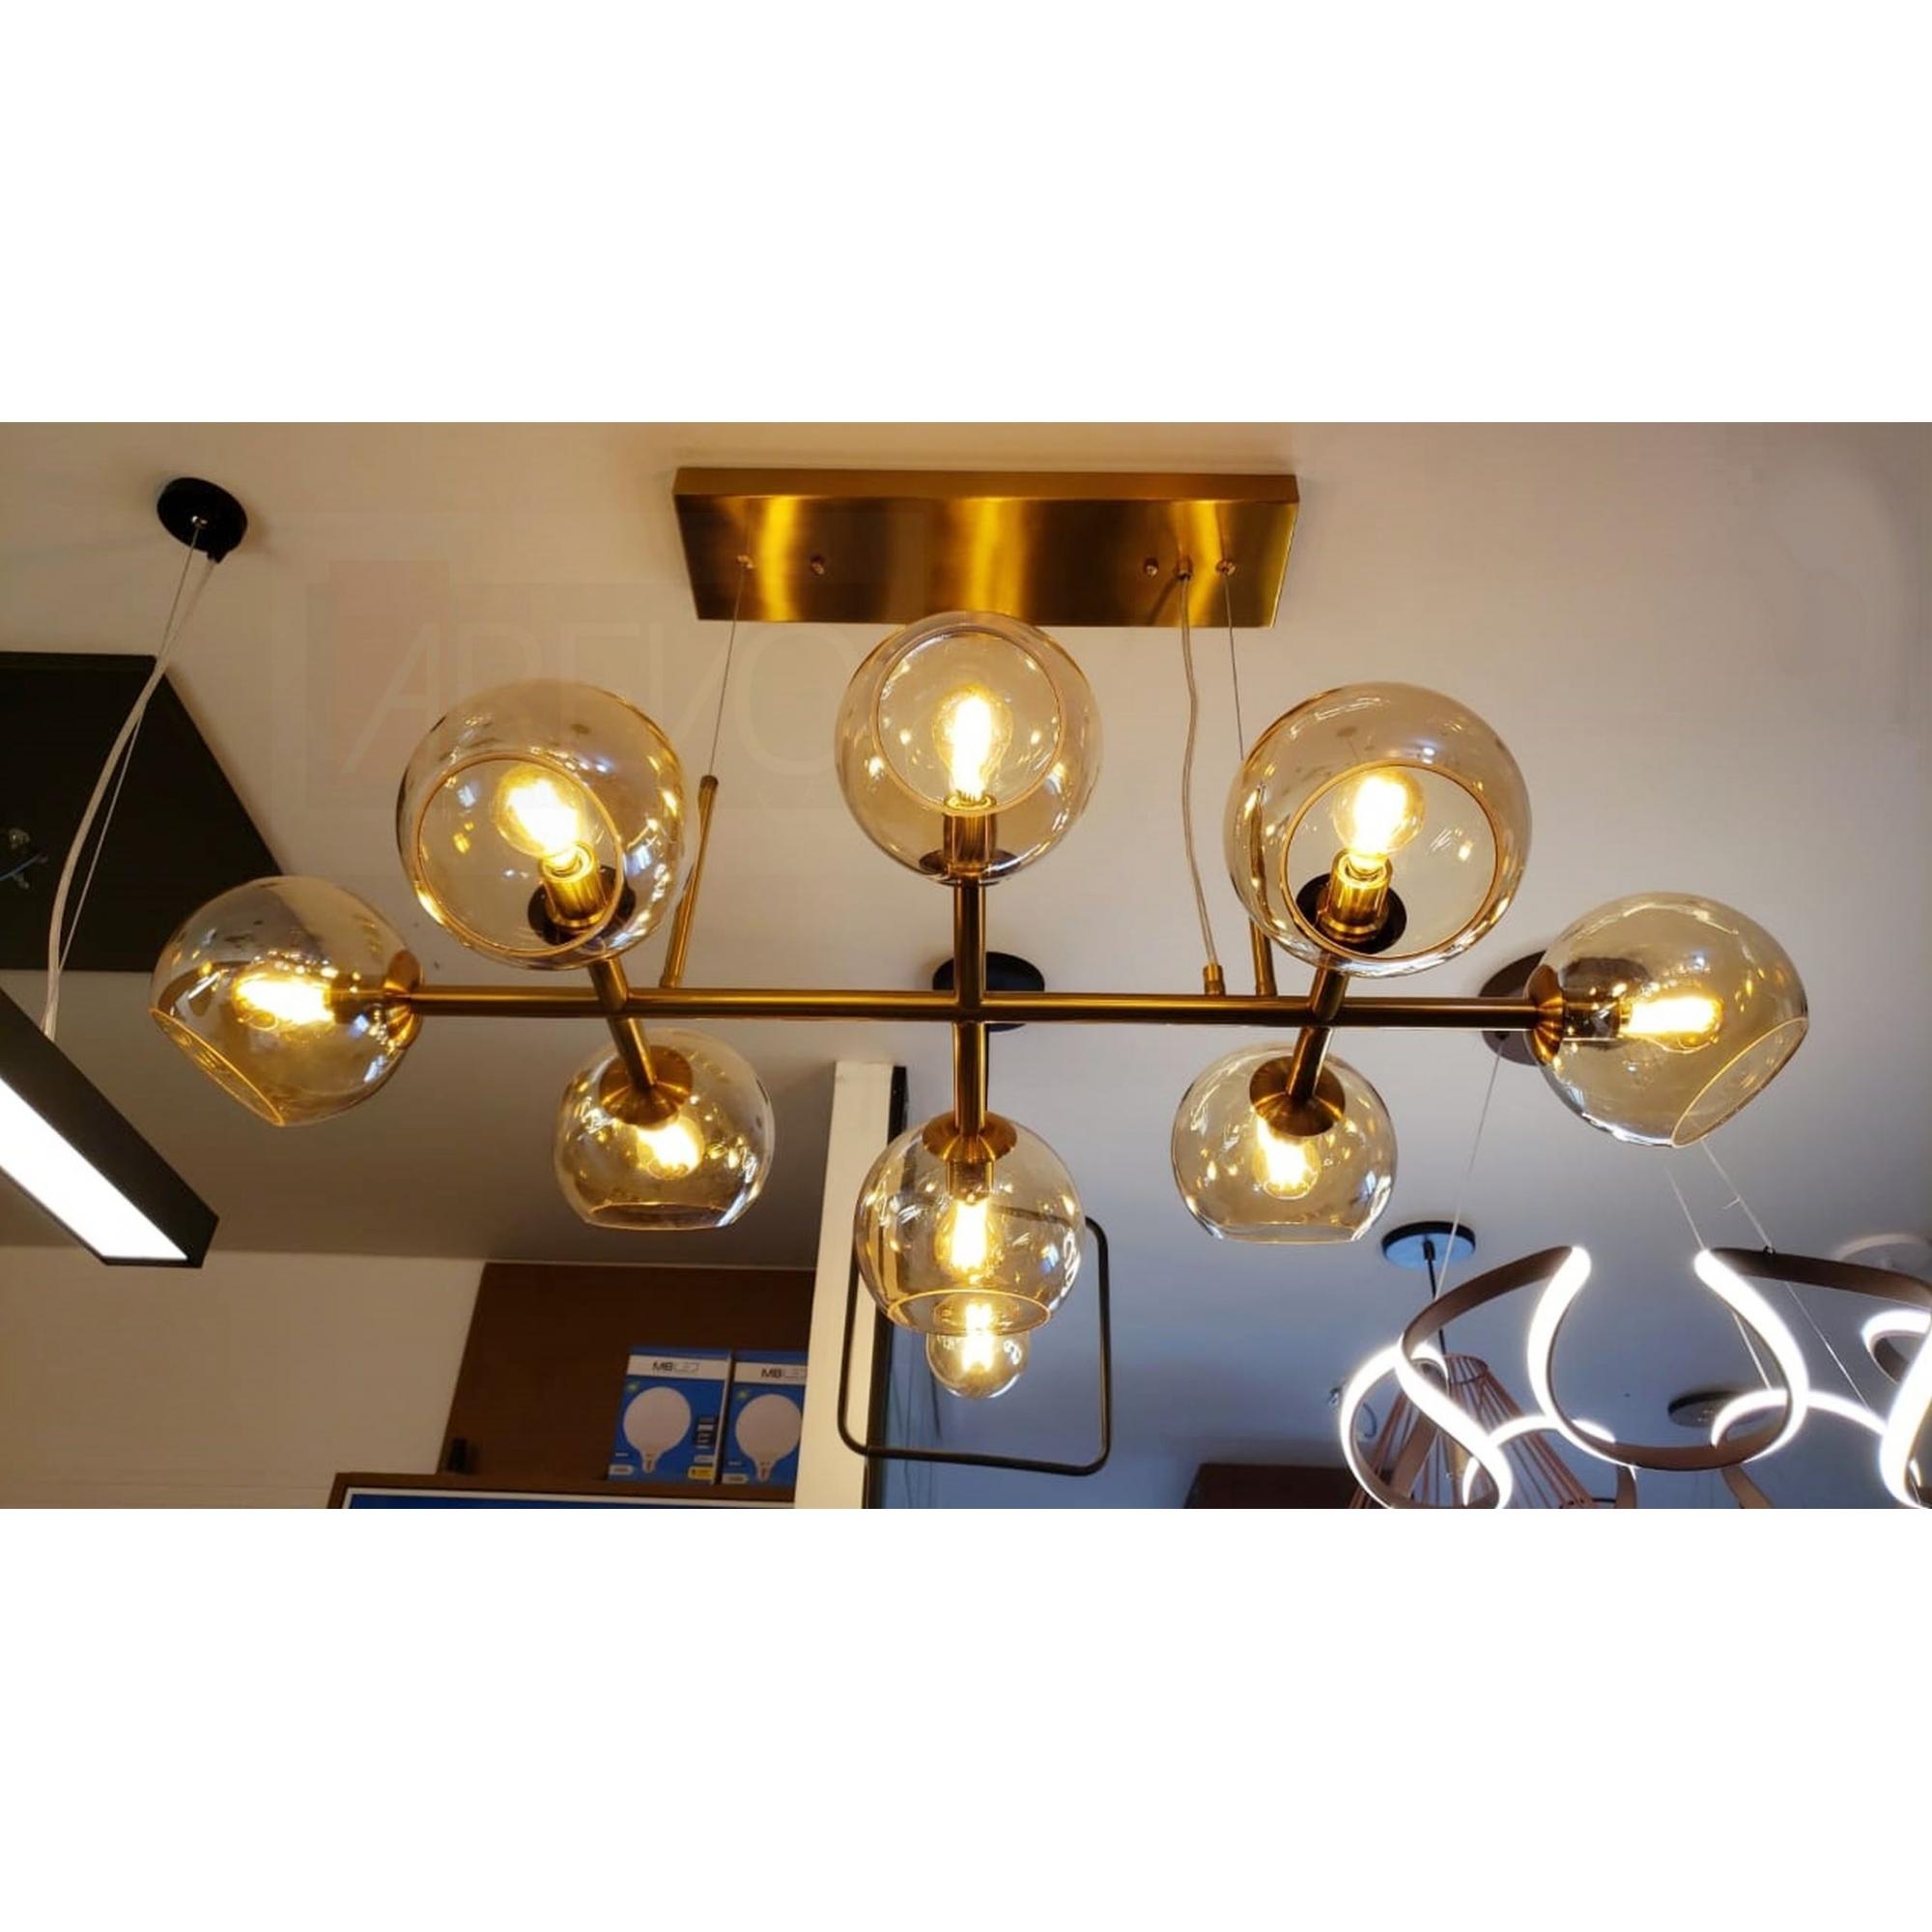 Lustre Pendente Moderno Jabuticaba Bronze Com 8 Lâmpadas Led Mesa Gourmet Sala Bancada Passa Prato